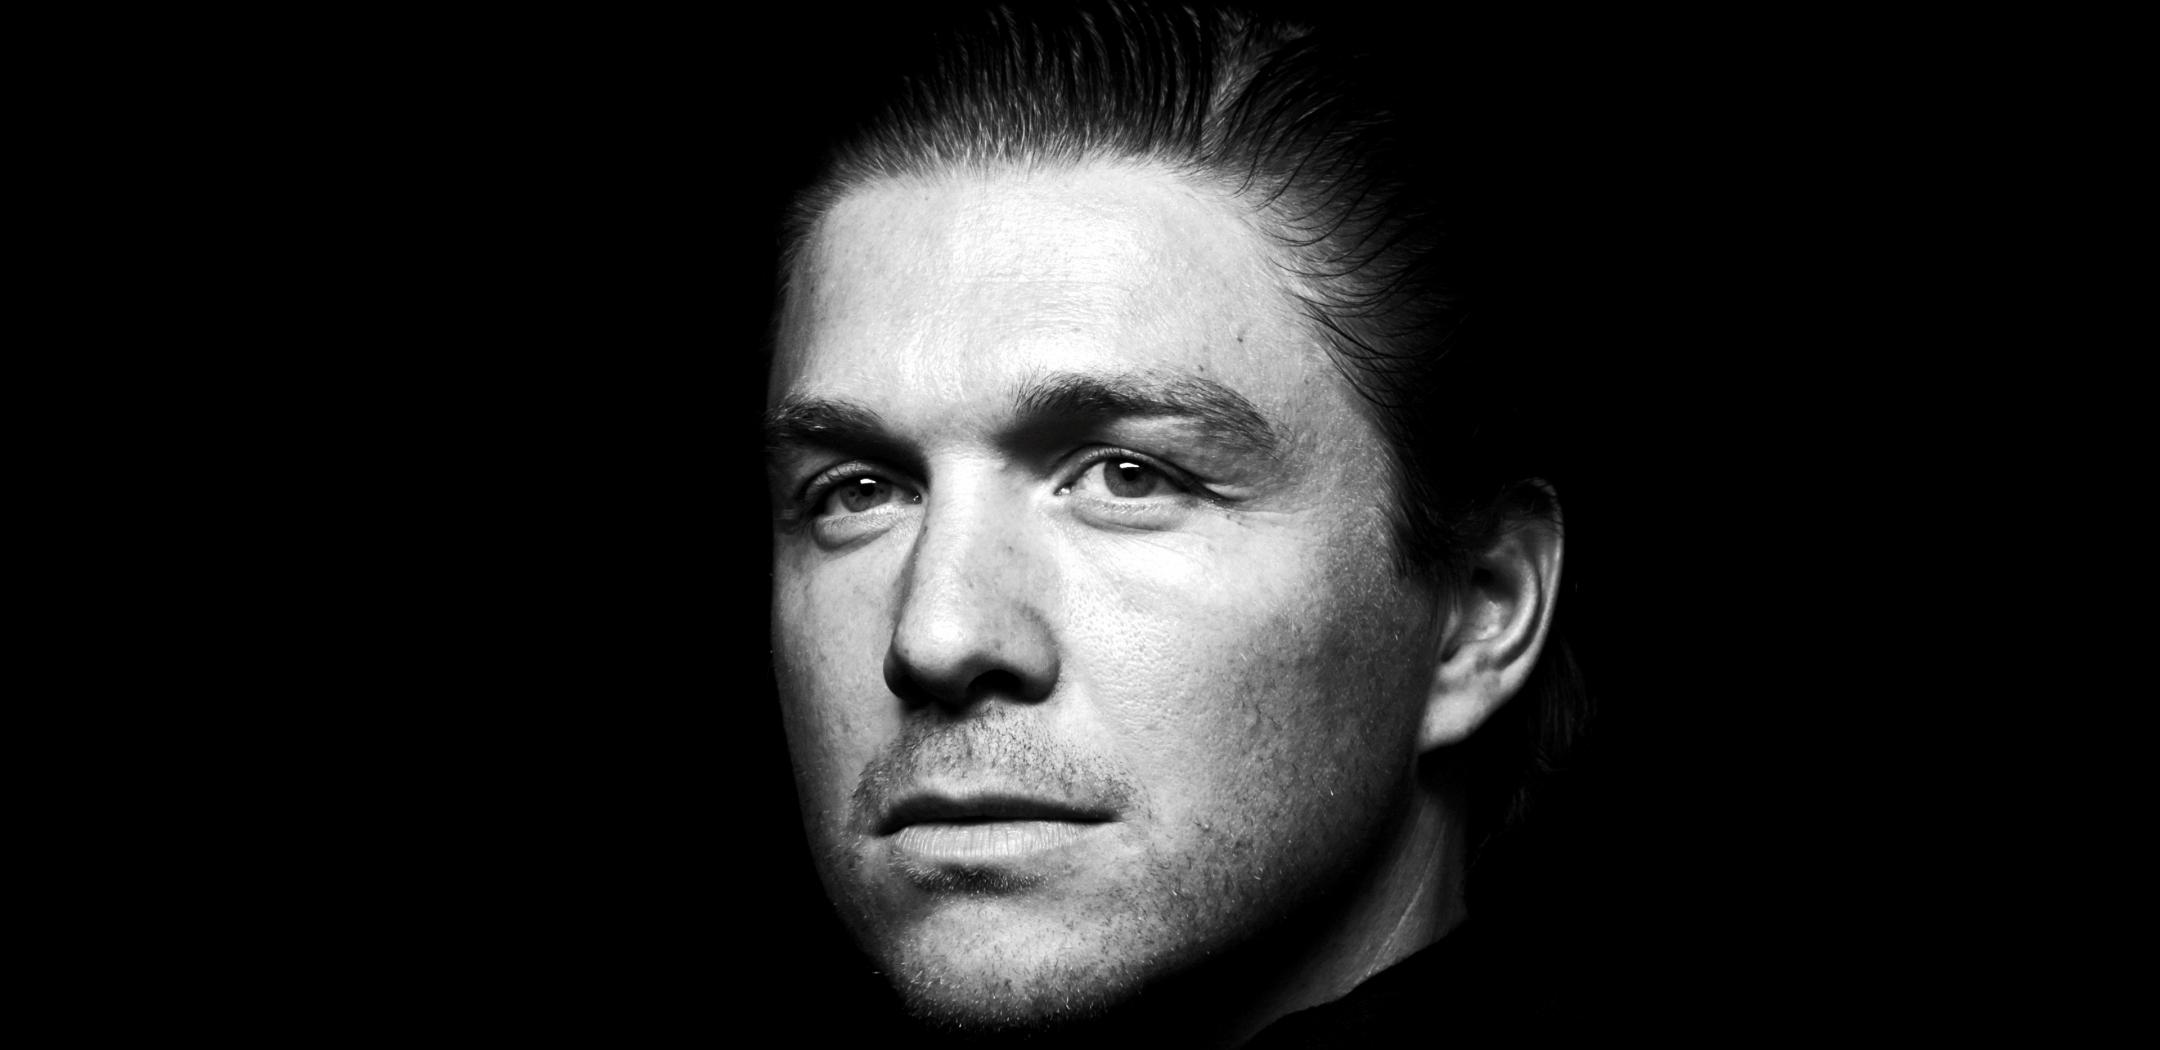 Philippe Hoerle-Guggenheim